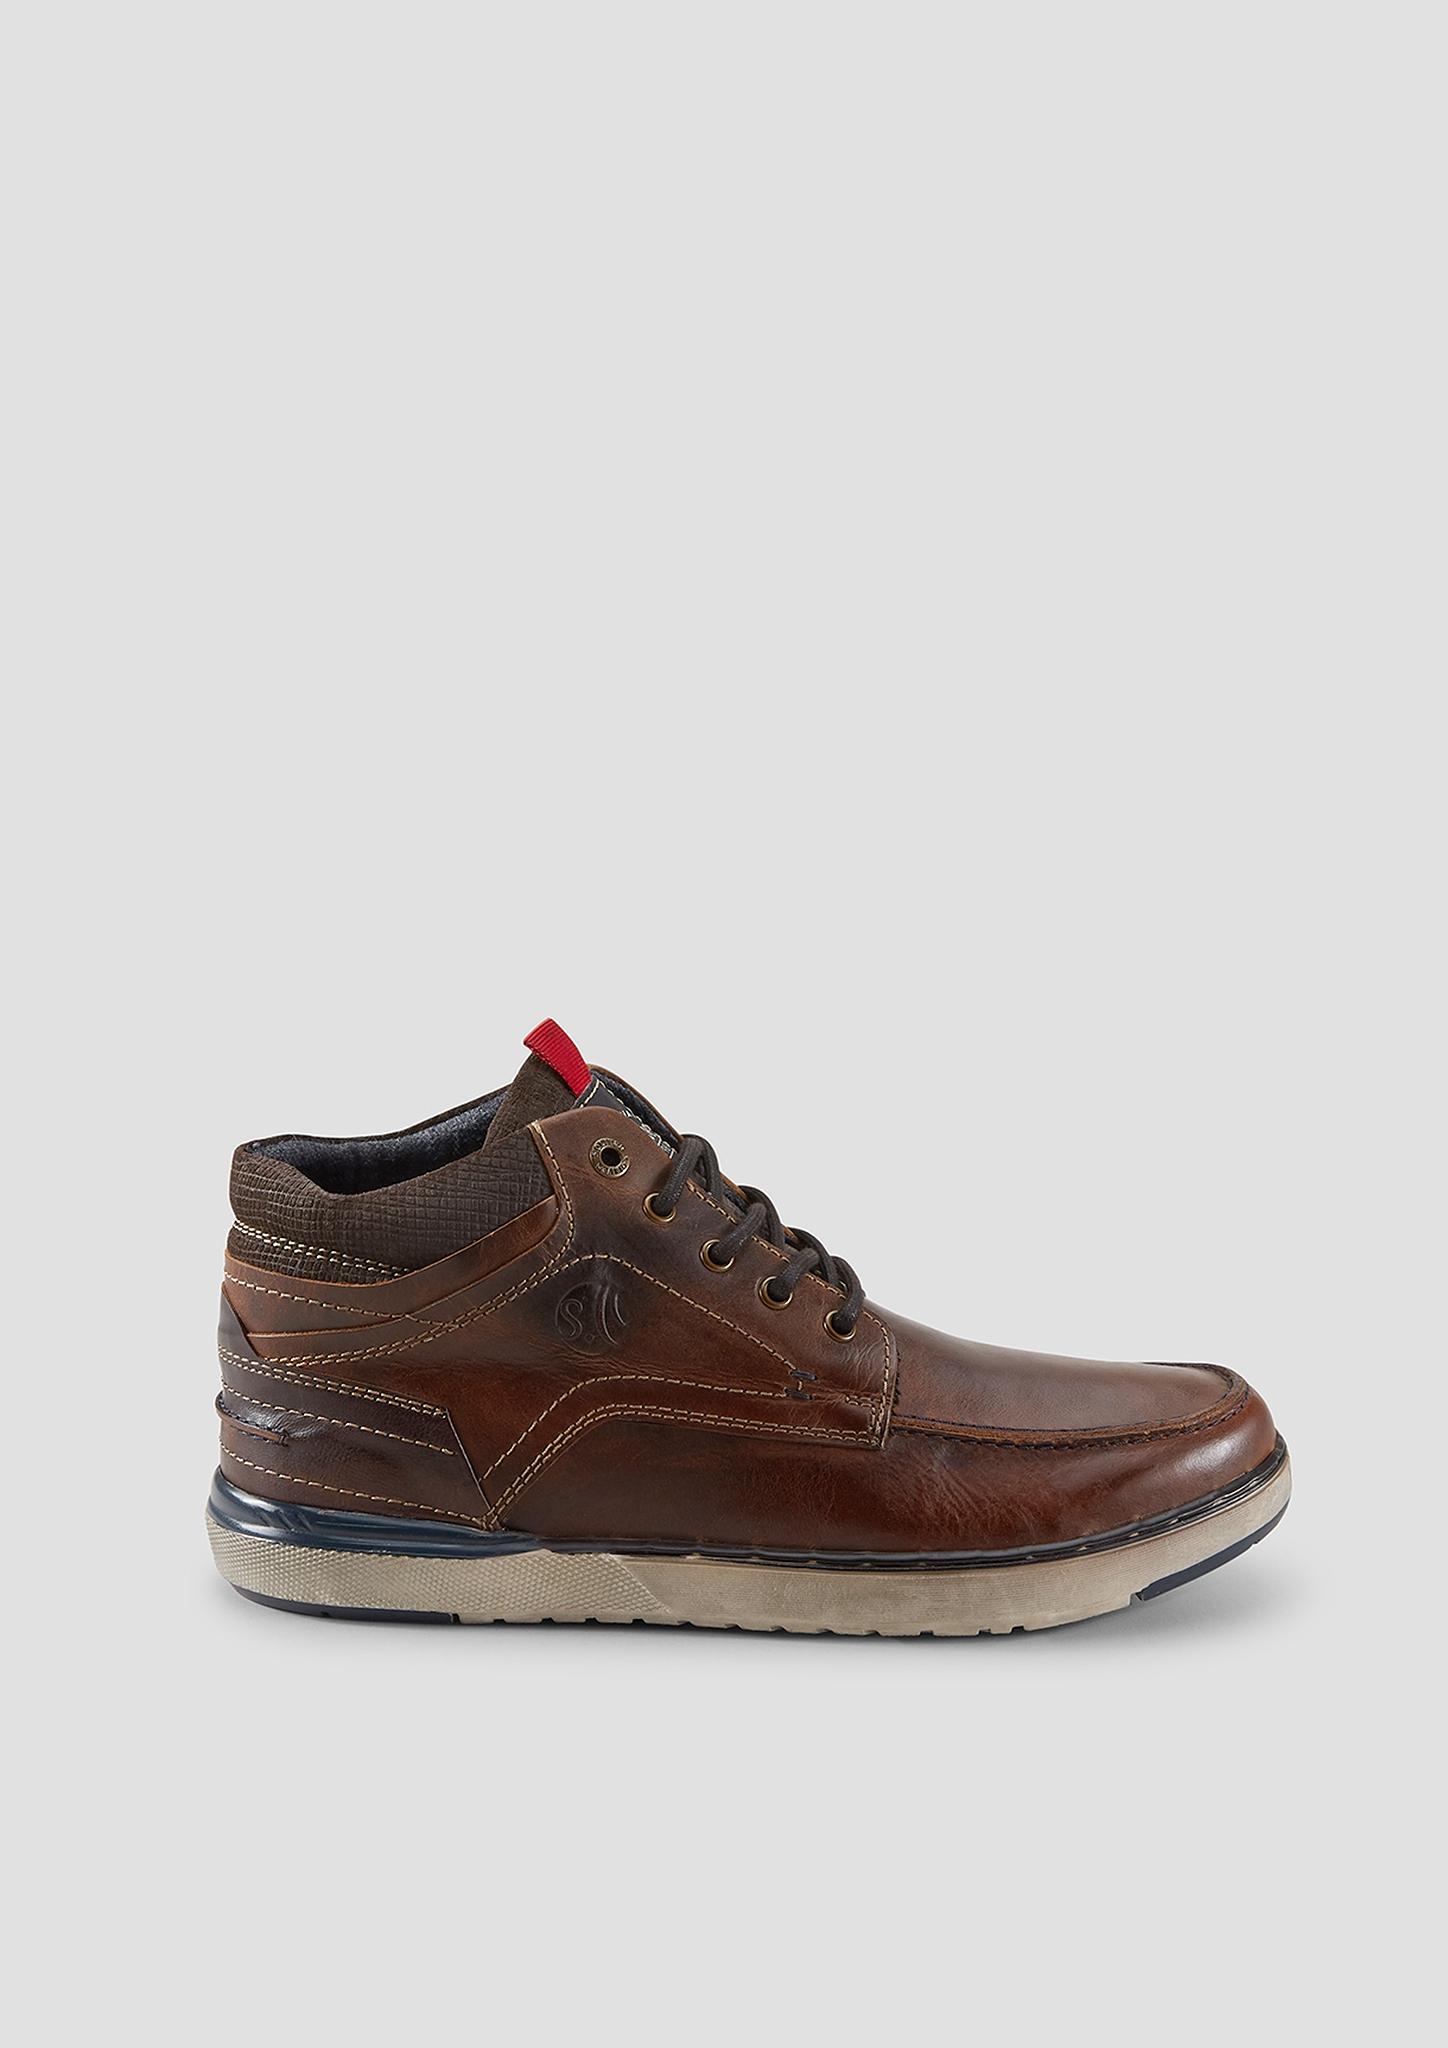 Stiefel   Schuhe > Boots   Braun   Obermaterial aus leder  futter aus textil  decksohle aus textil und leder  laufsohle aus synthetik   s.Oliver